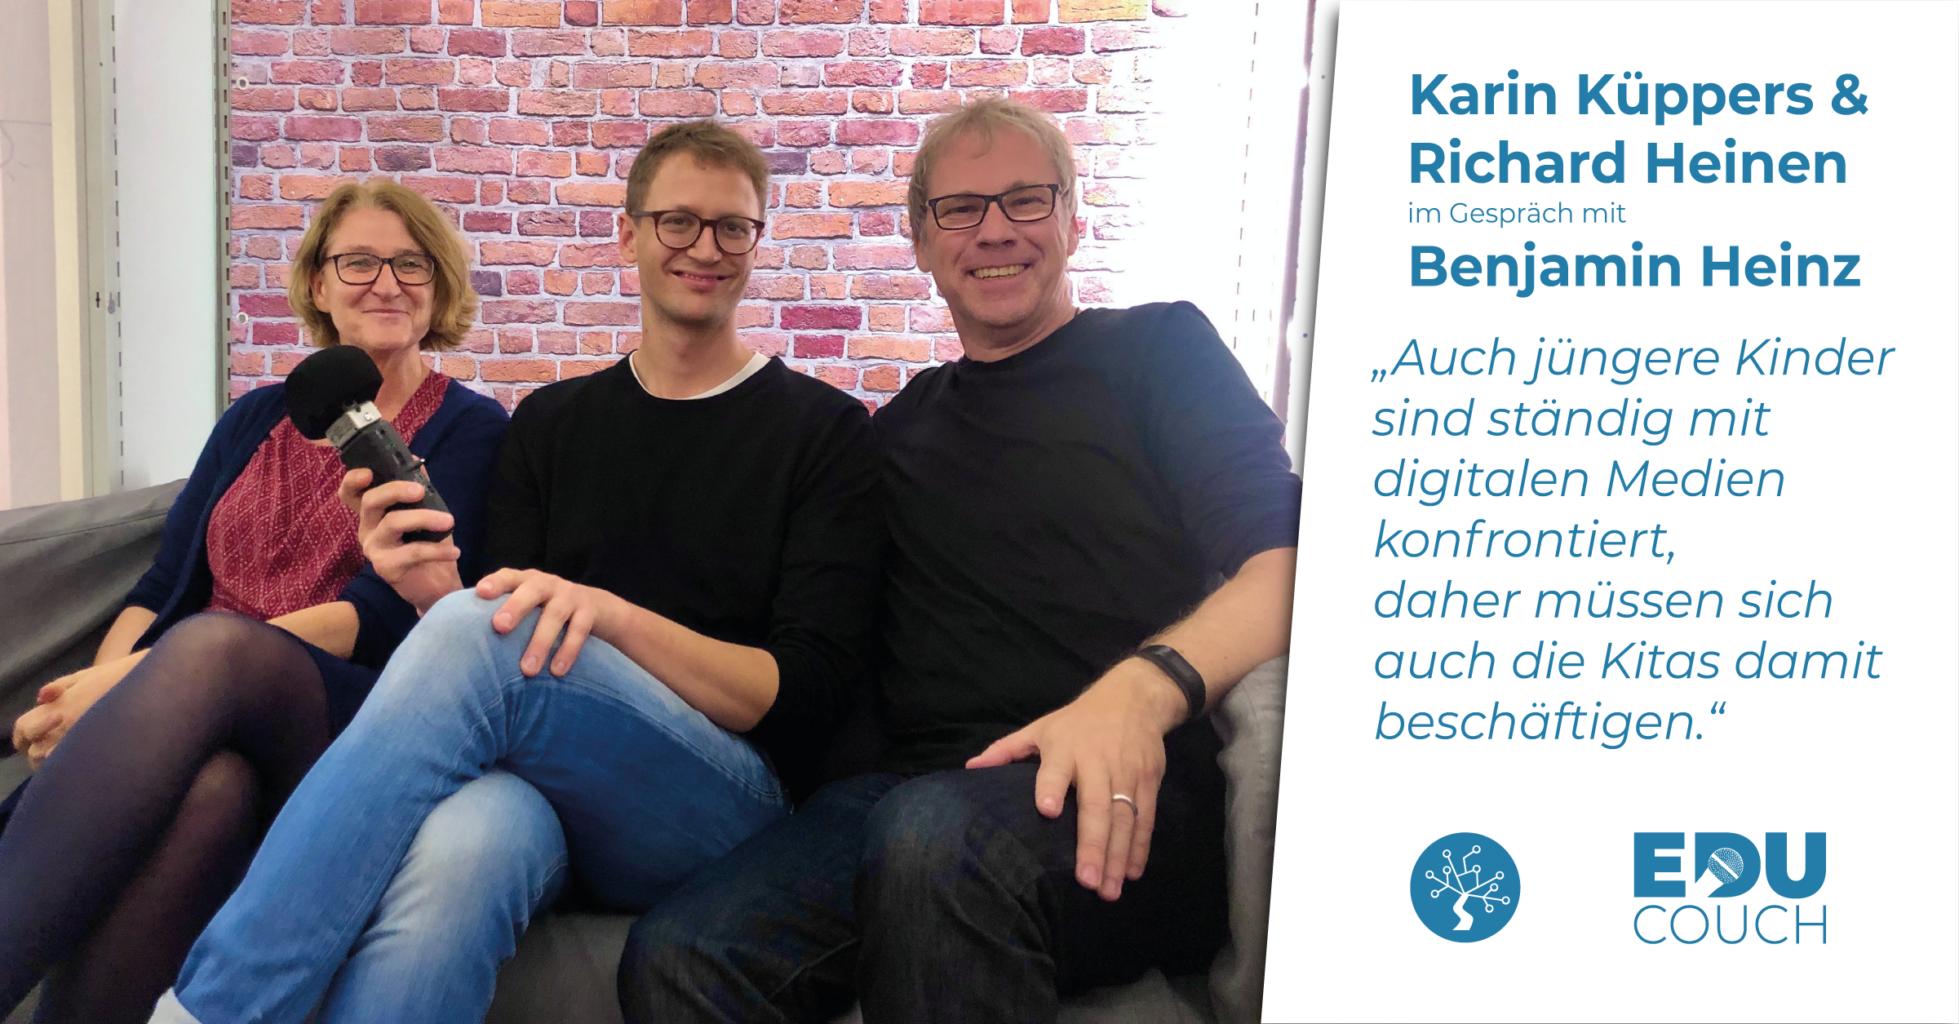 Karin Küppers & Richard Heinen im Gespräch mit Benjamin Heinz bei der EduCouch